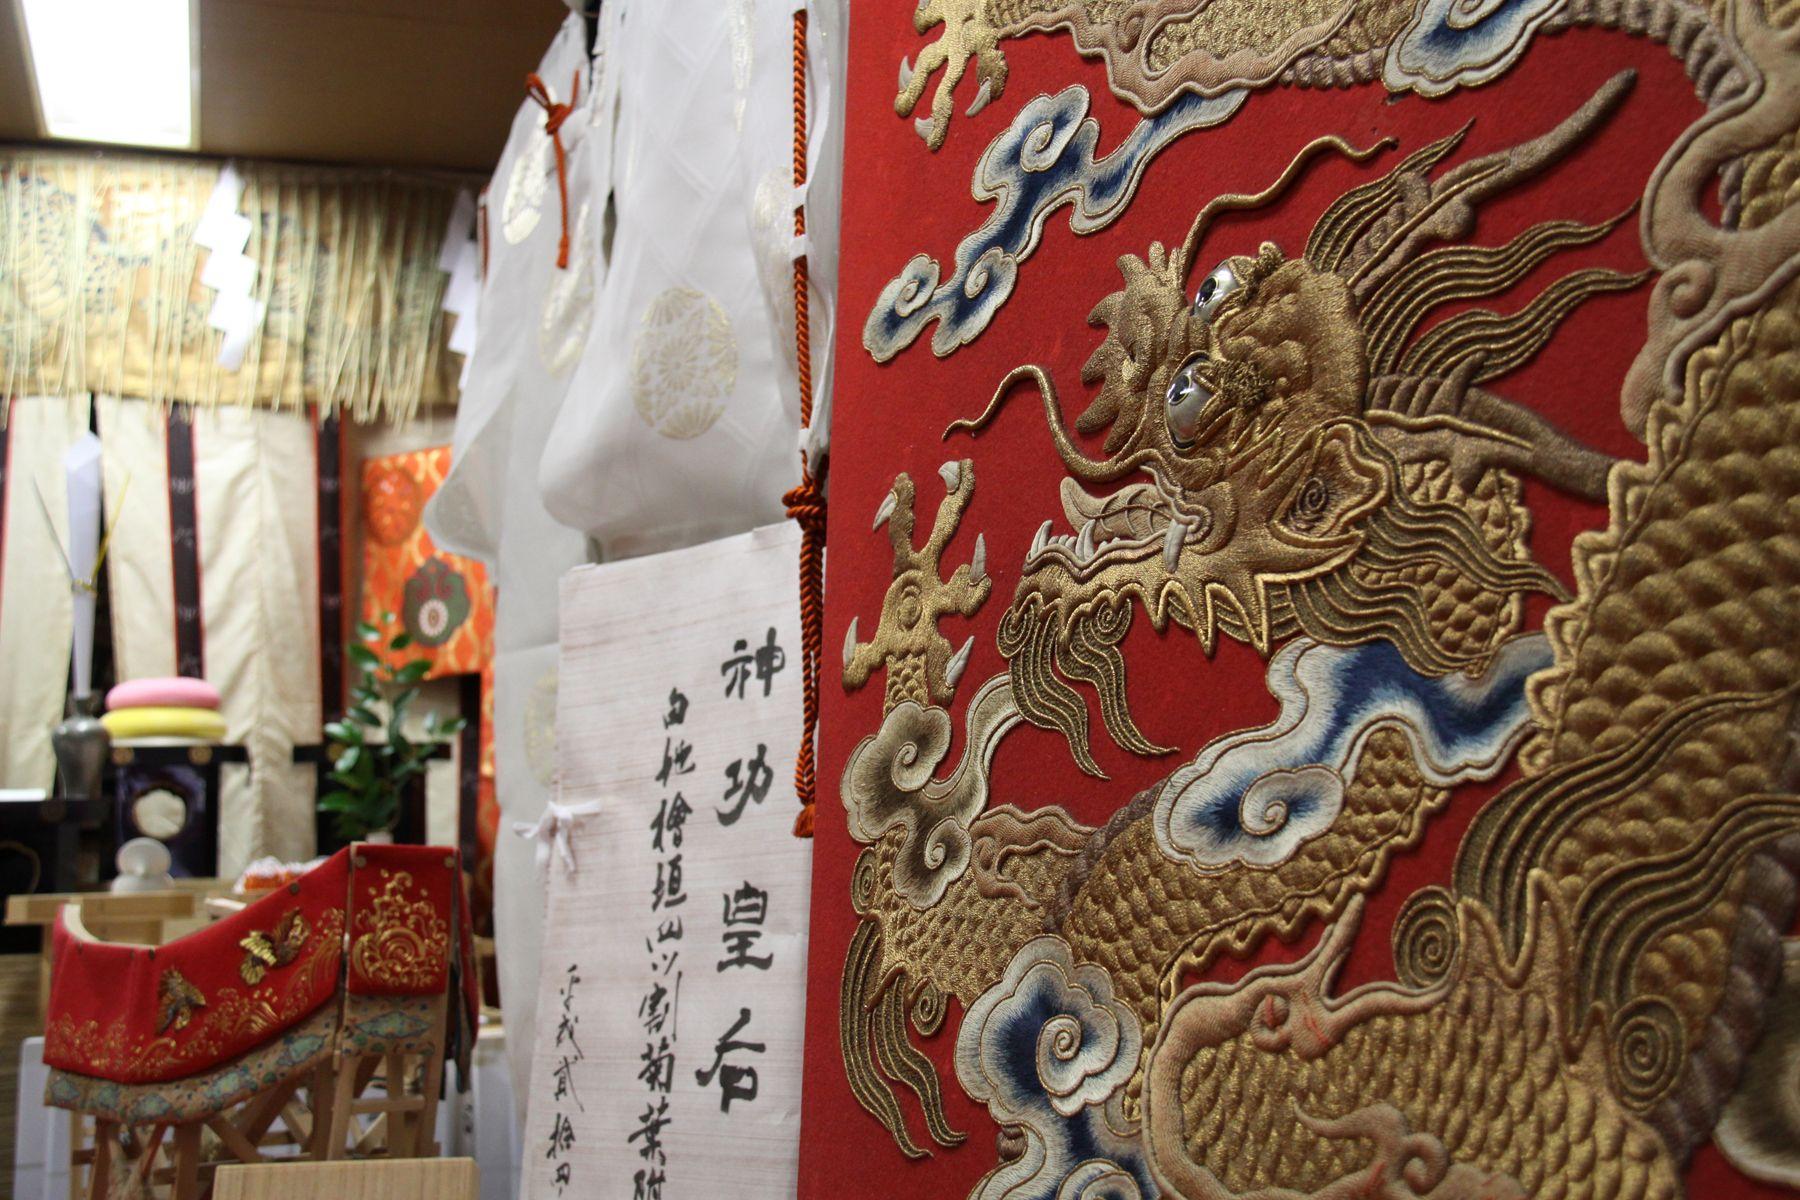 大船鉾の舟の舵の部分。龍がかっこいい。 祇園祭 京都 kyoto gion festival